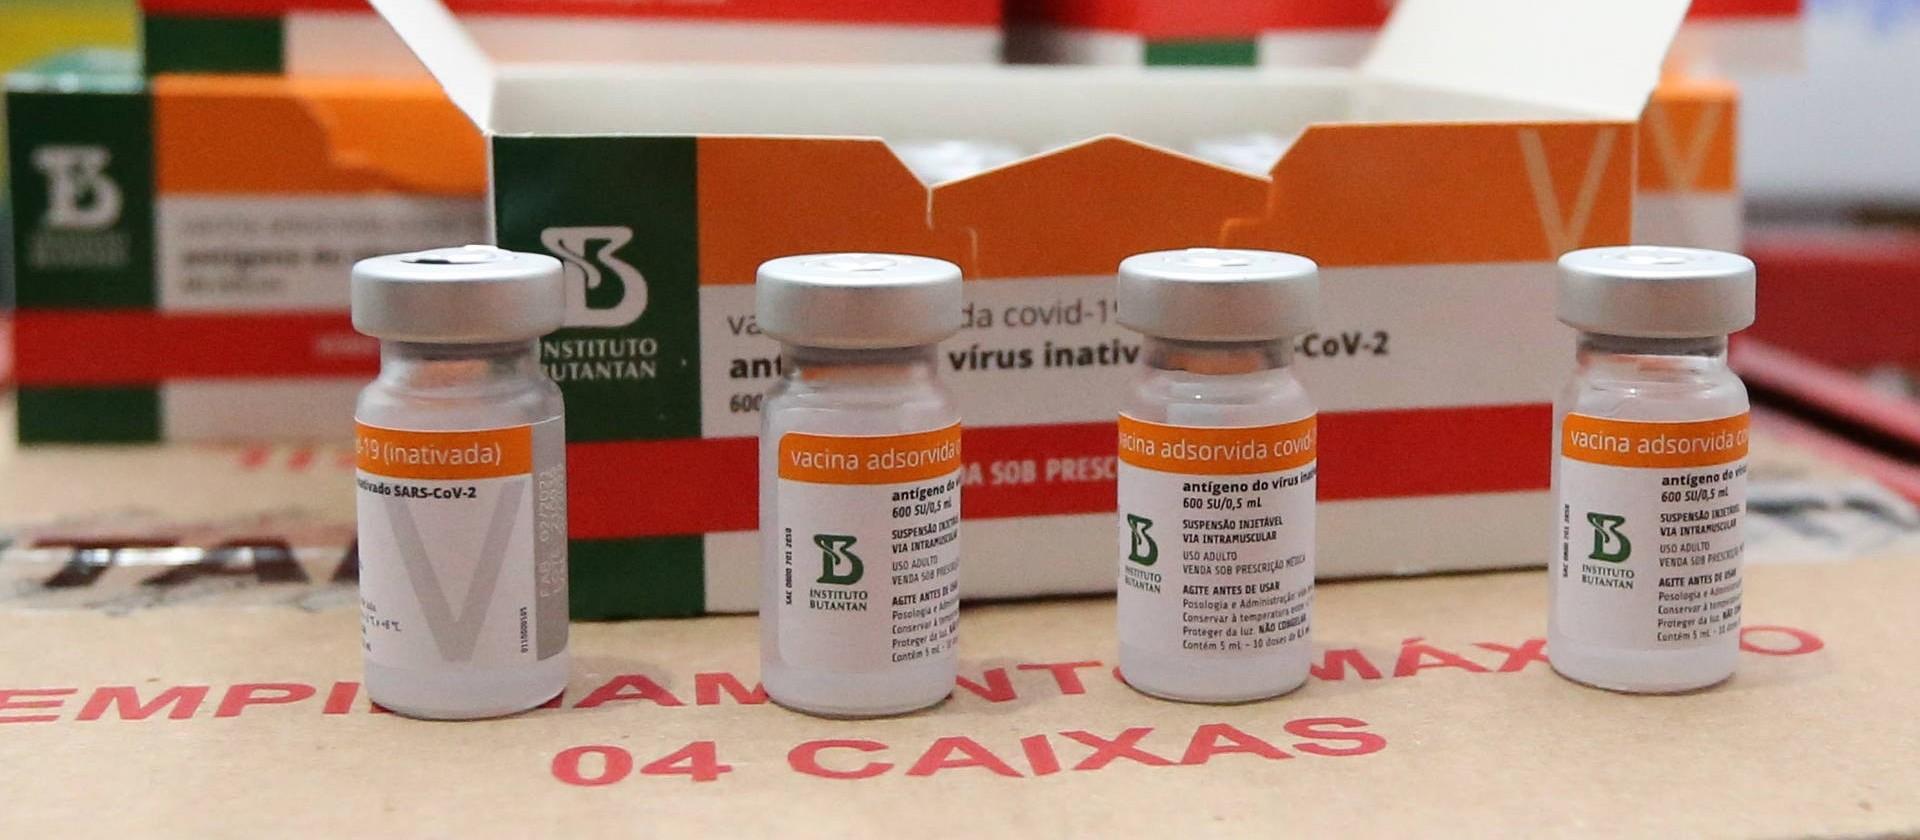 Gestantes e puérperas: é seguro se vacinar contra a Covid-19?